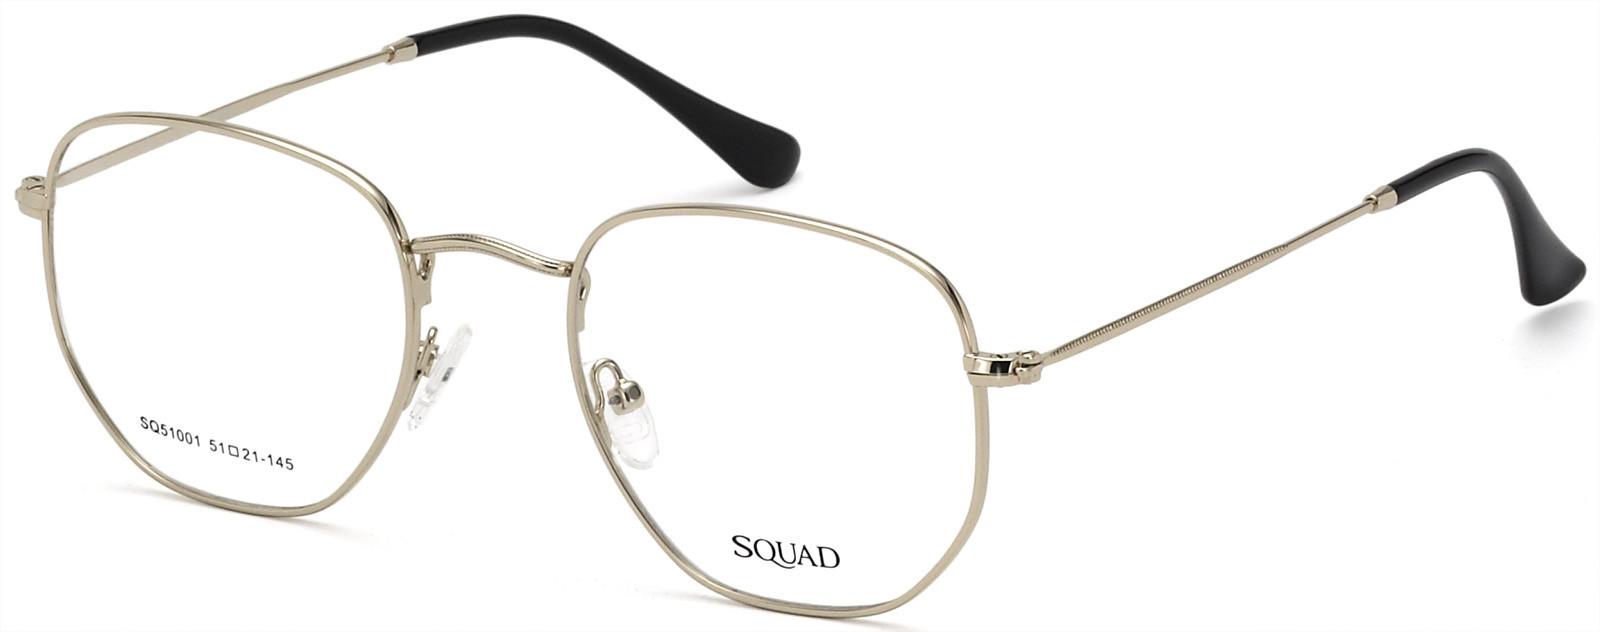 Gafas graduadas SQUAD SQ 5100 19 C3